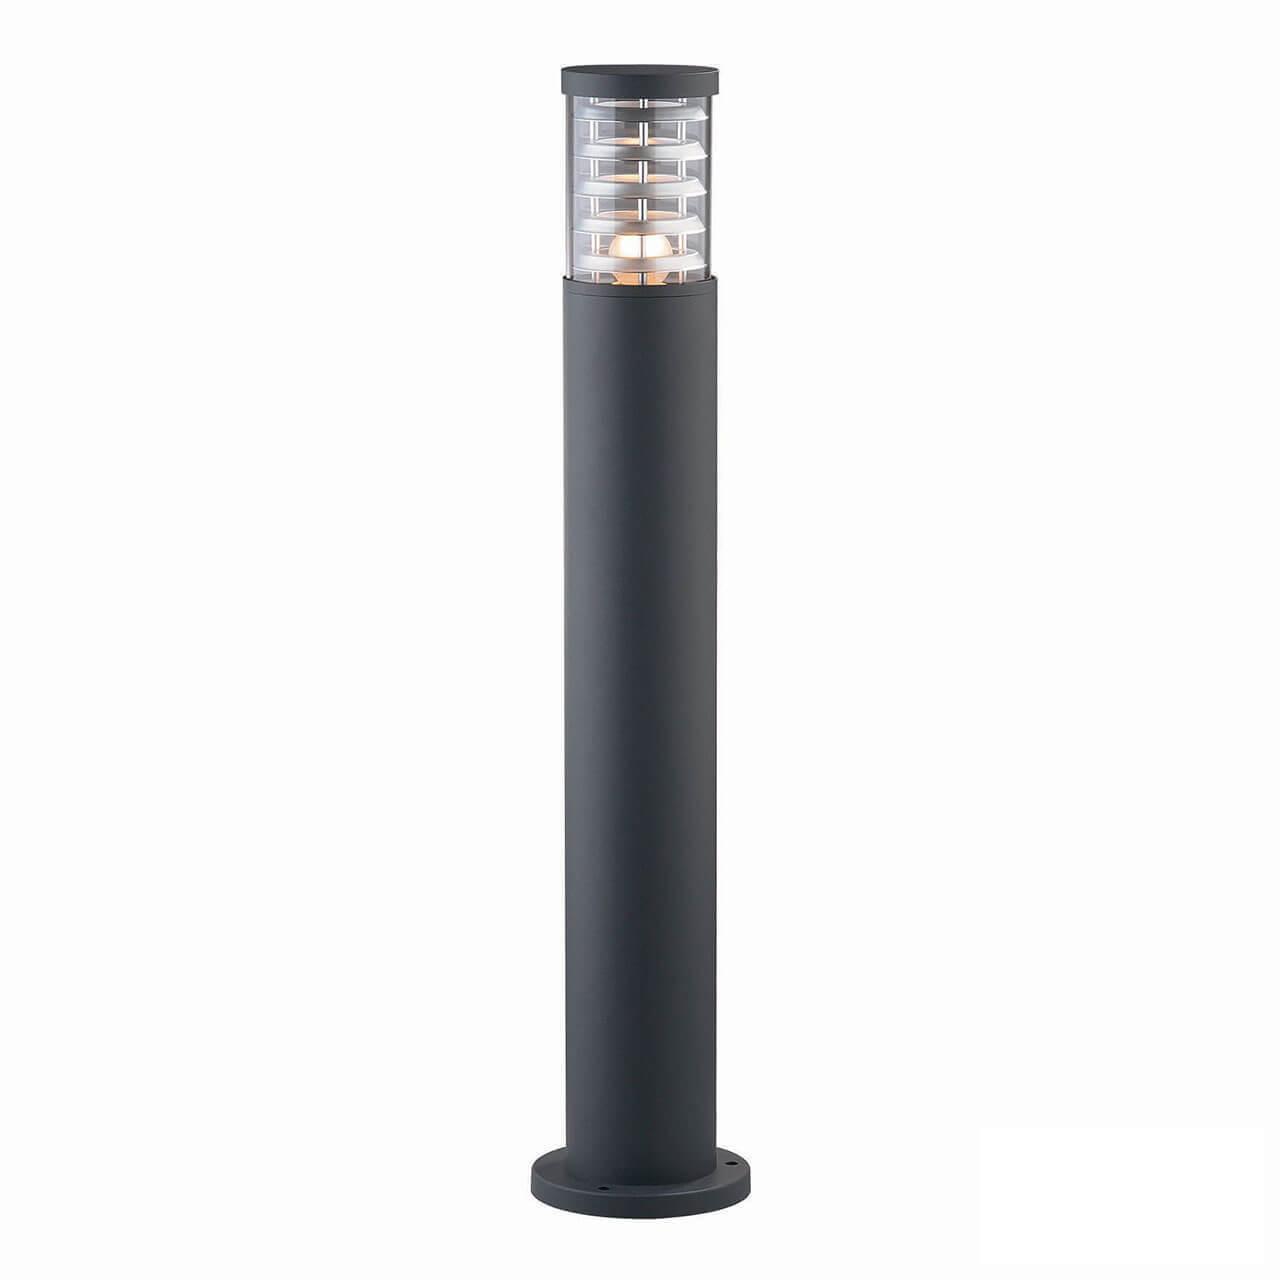 Уличный светильник Ideal Lux Tronco PT1 Big Nero